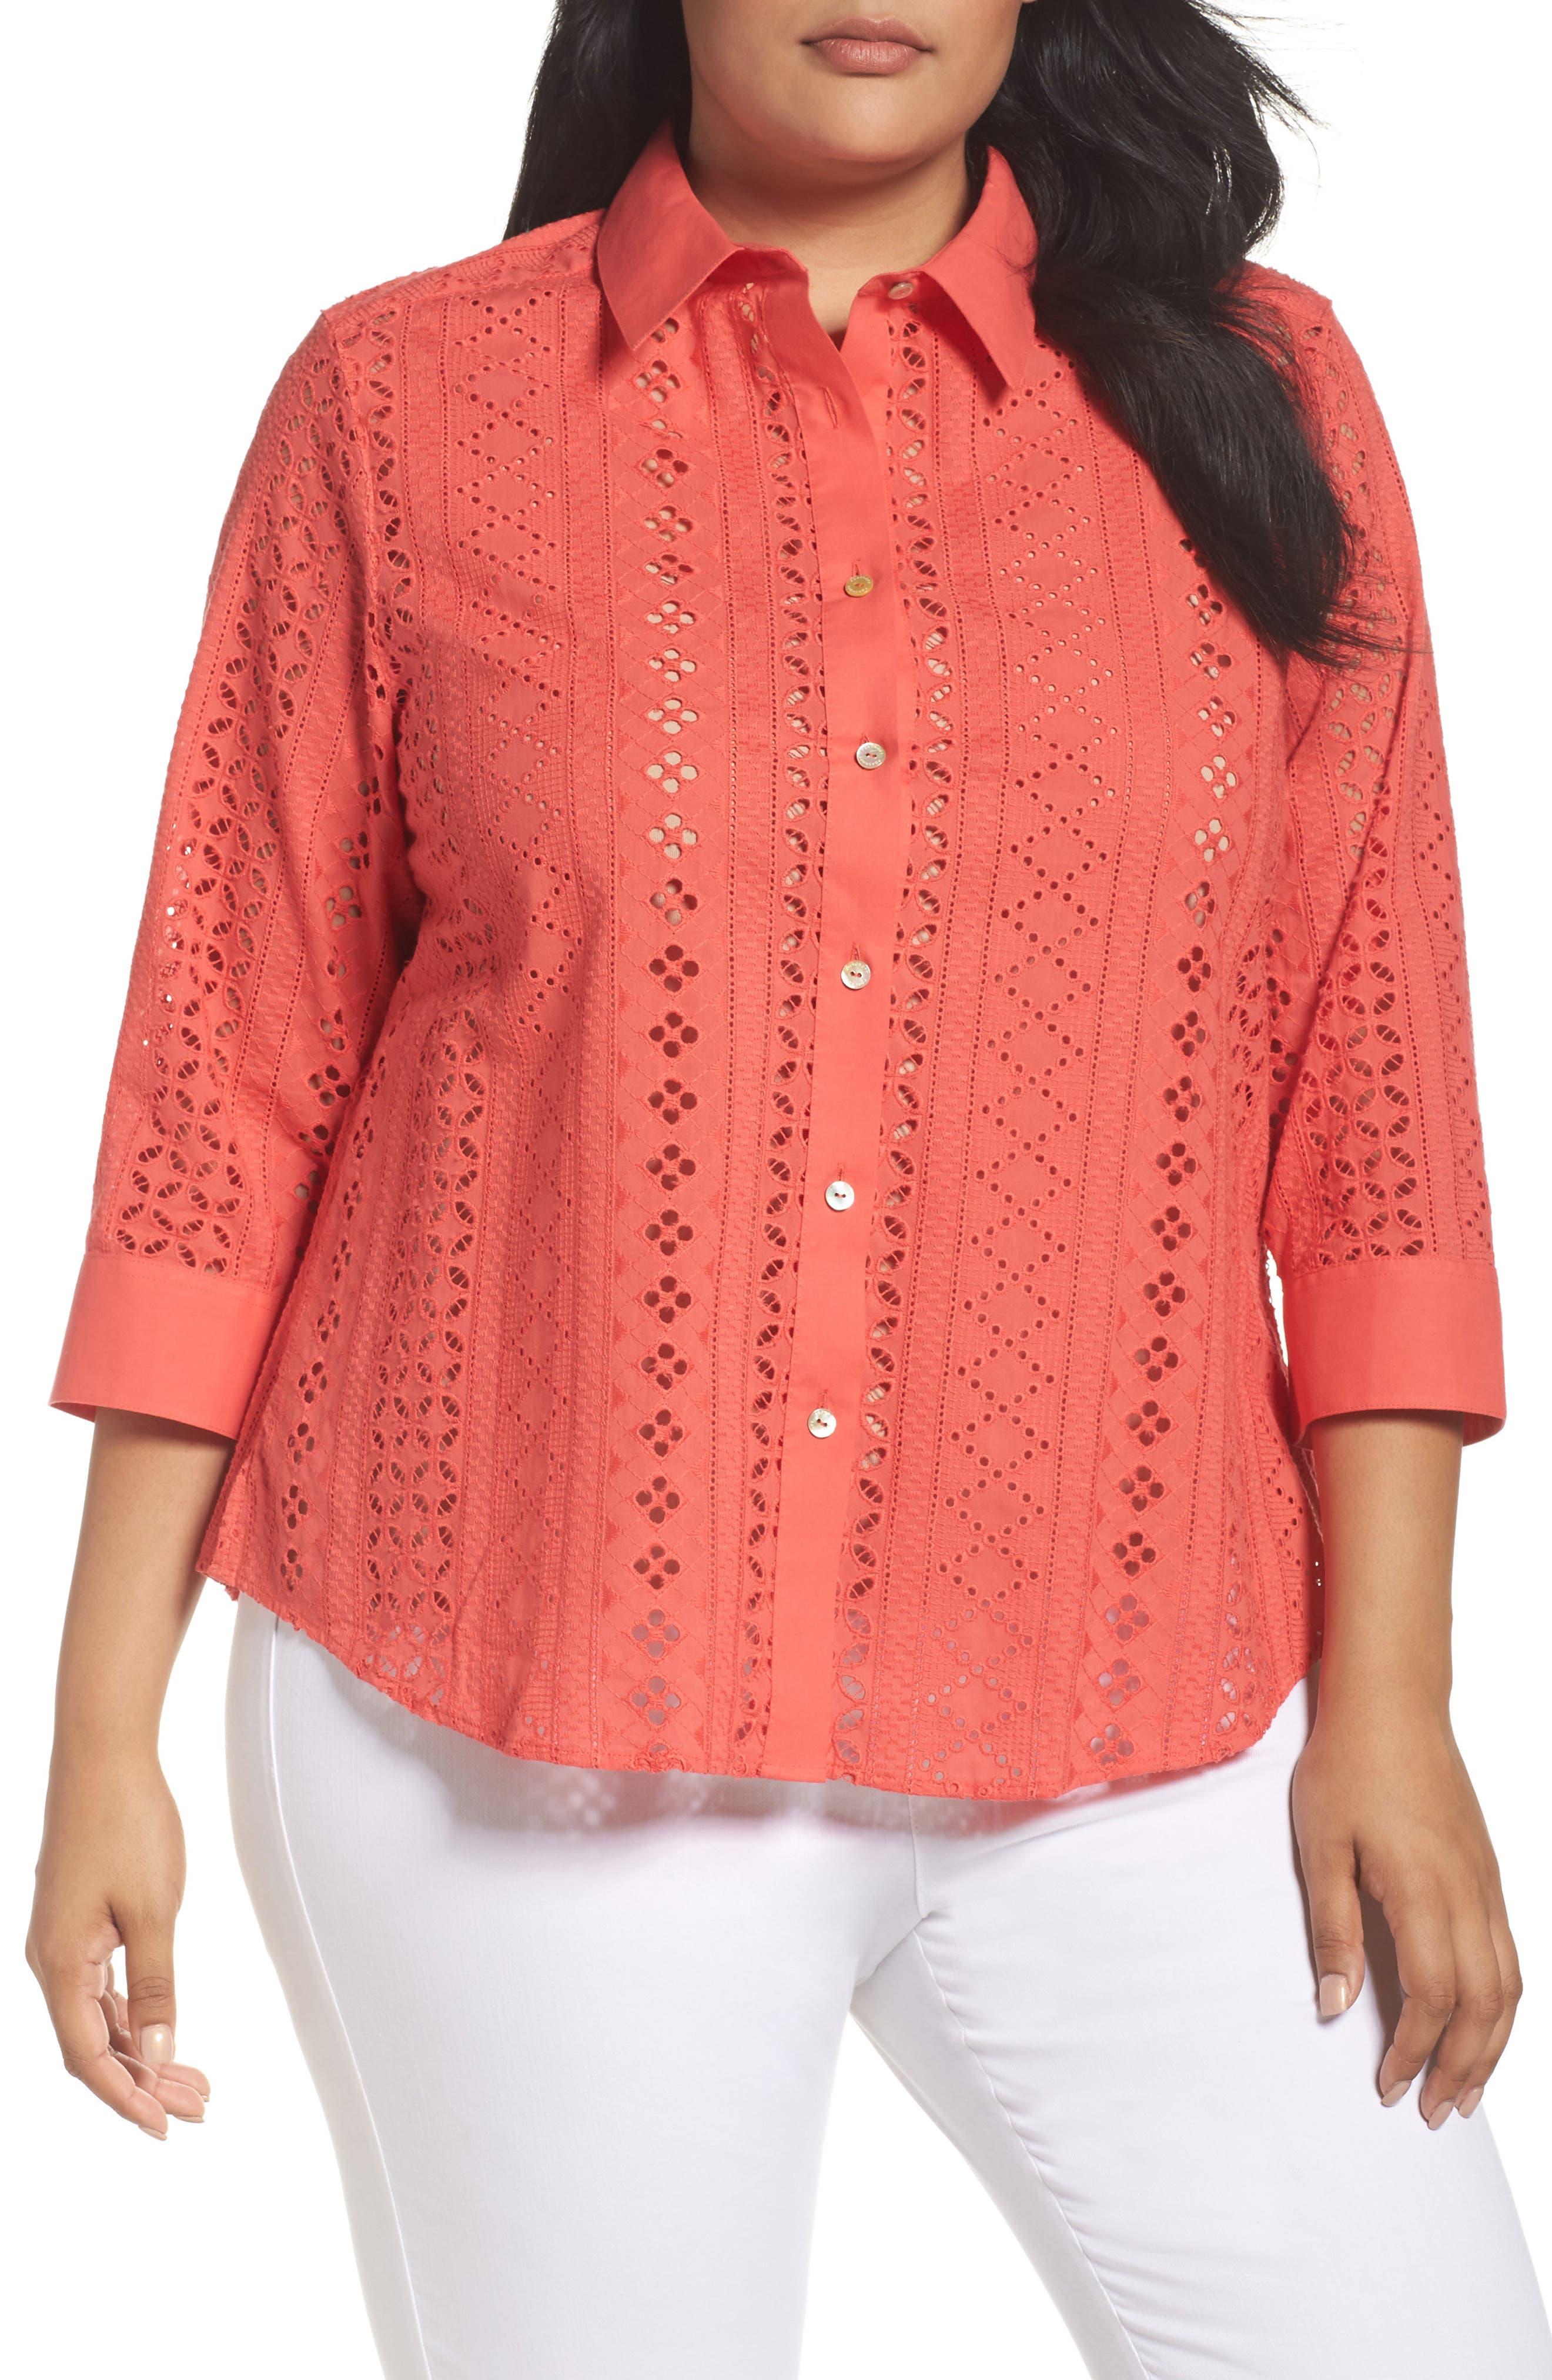 Foxcroft Ava Eyelet Shirt (Plus Size)